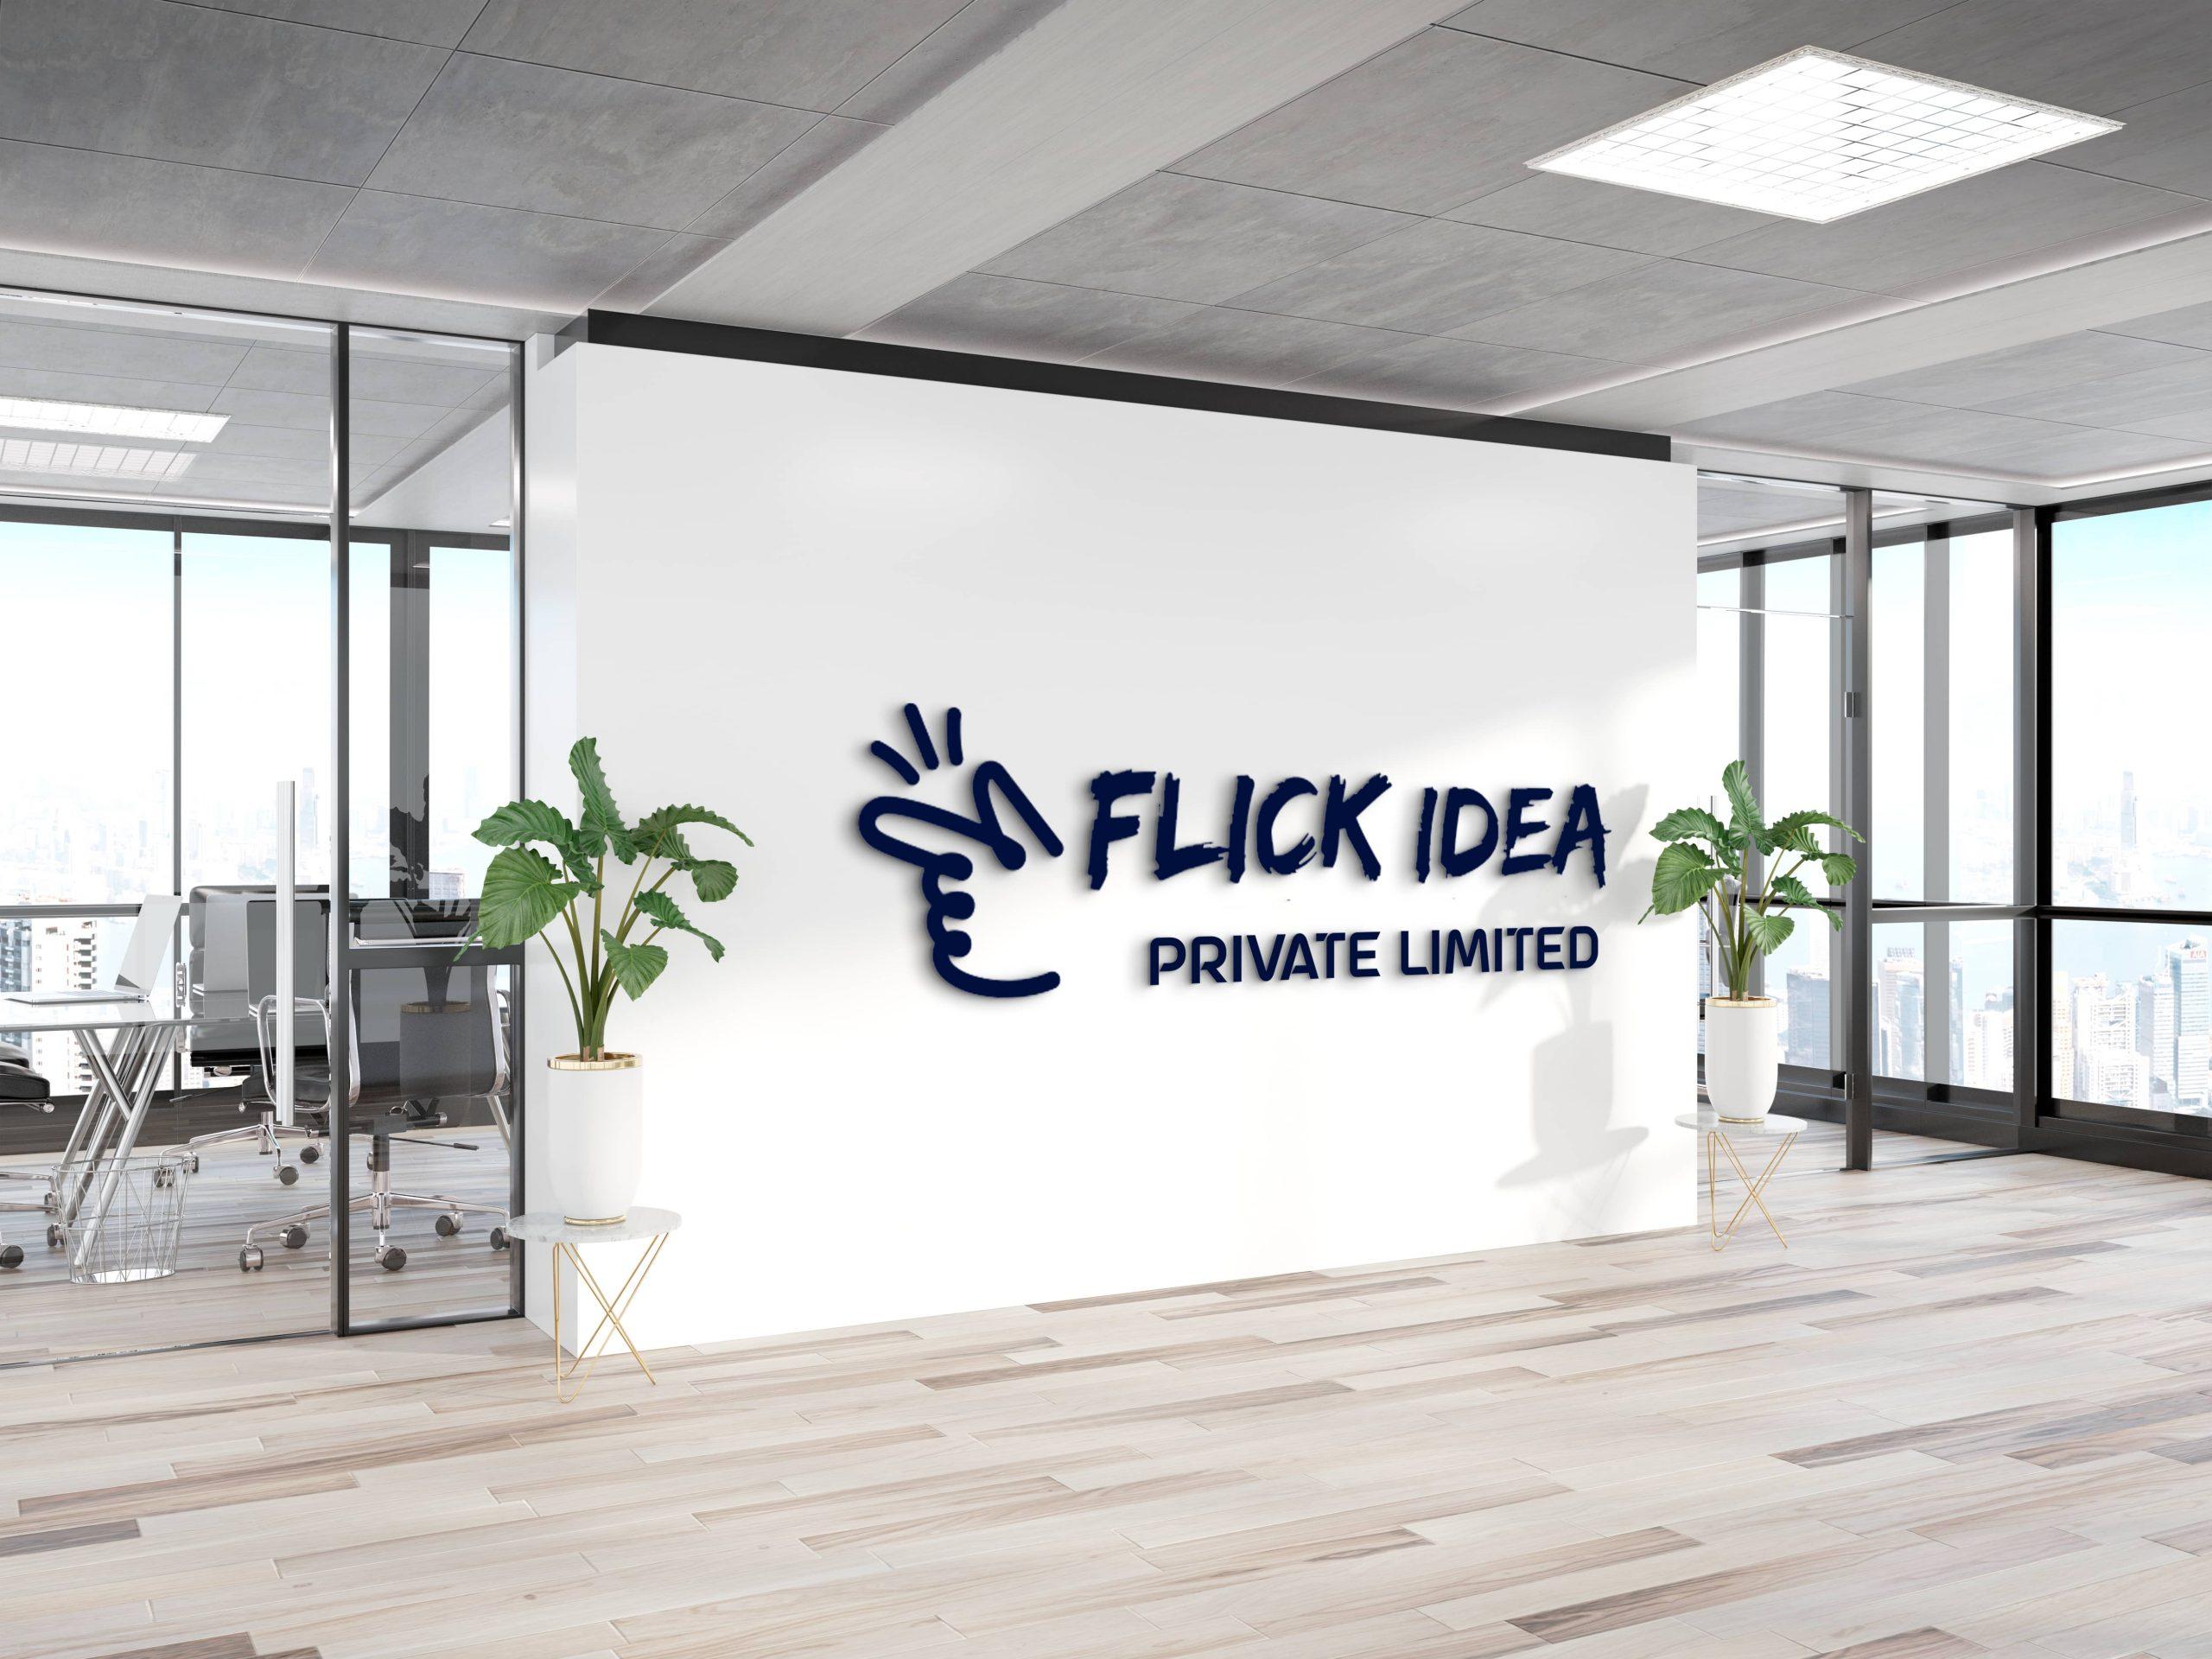 Flick Idea Private Limited Company